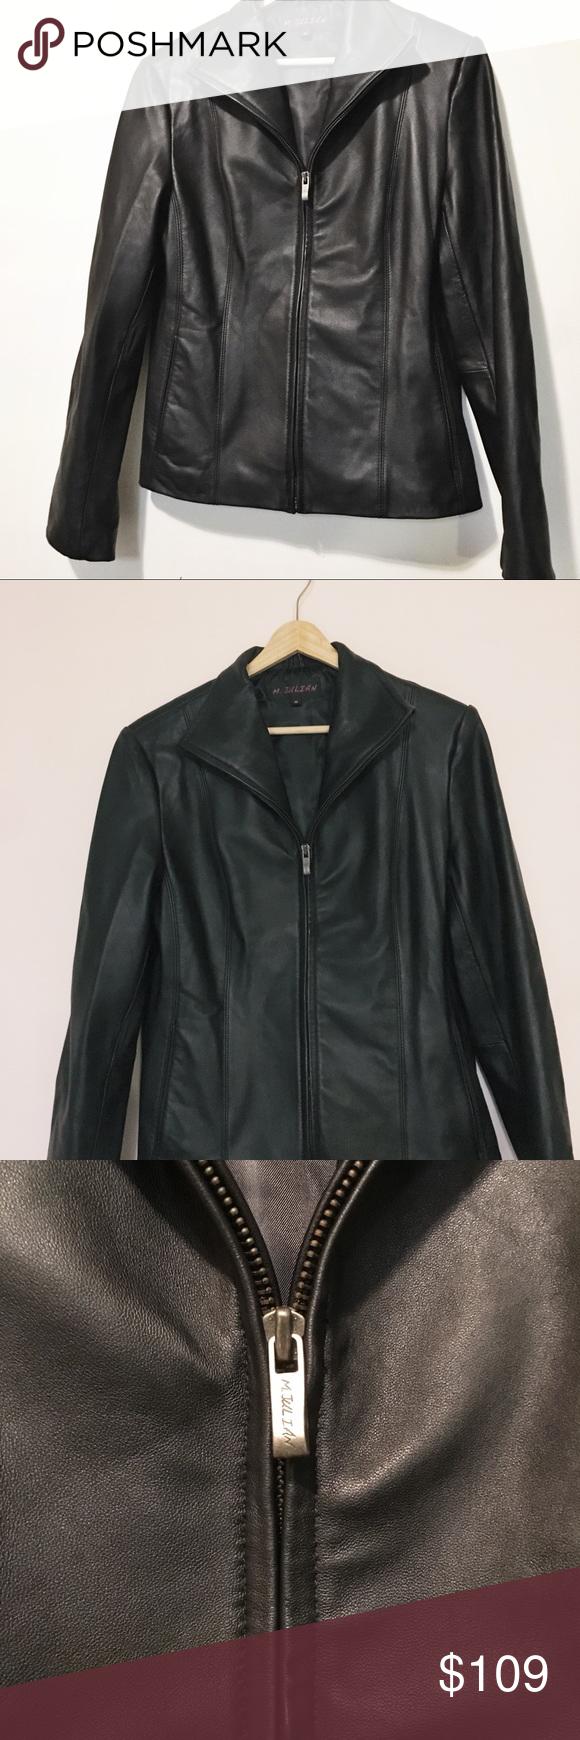 M. Julian Leather Jacket NWOT M. Julian Leather Jacket